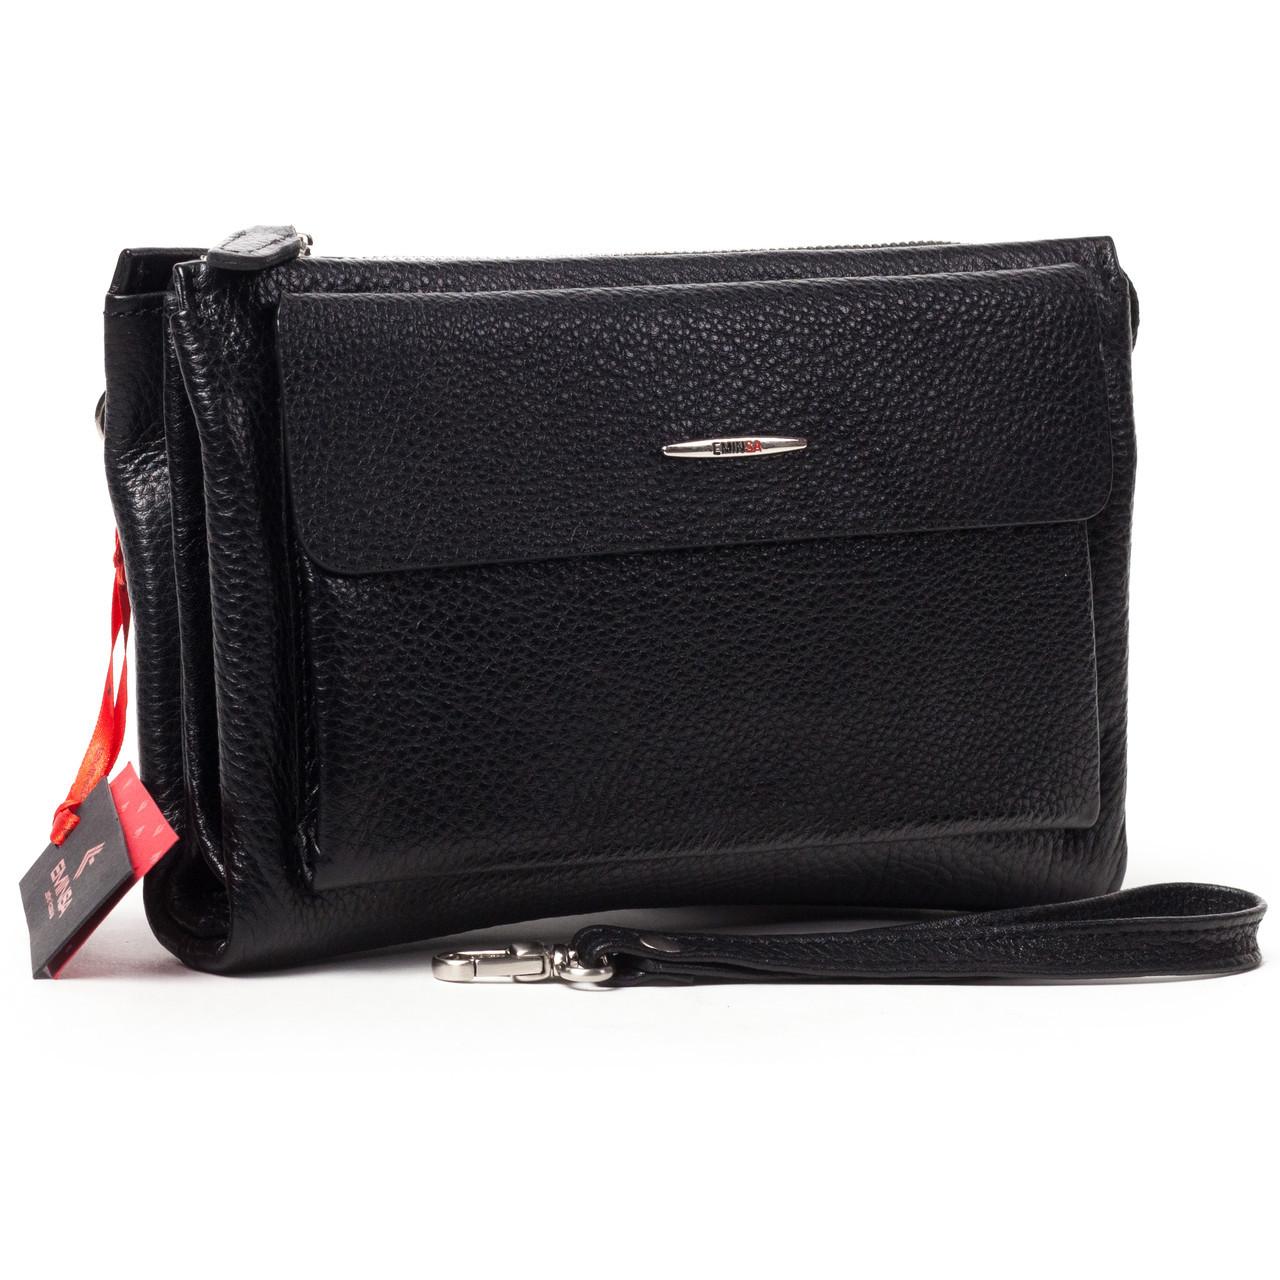 Мужской клатч кожаный чёрный Eminsa 5002-18-1, фото 1